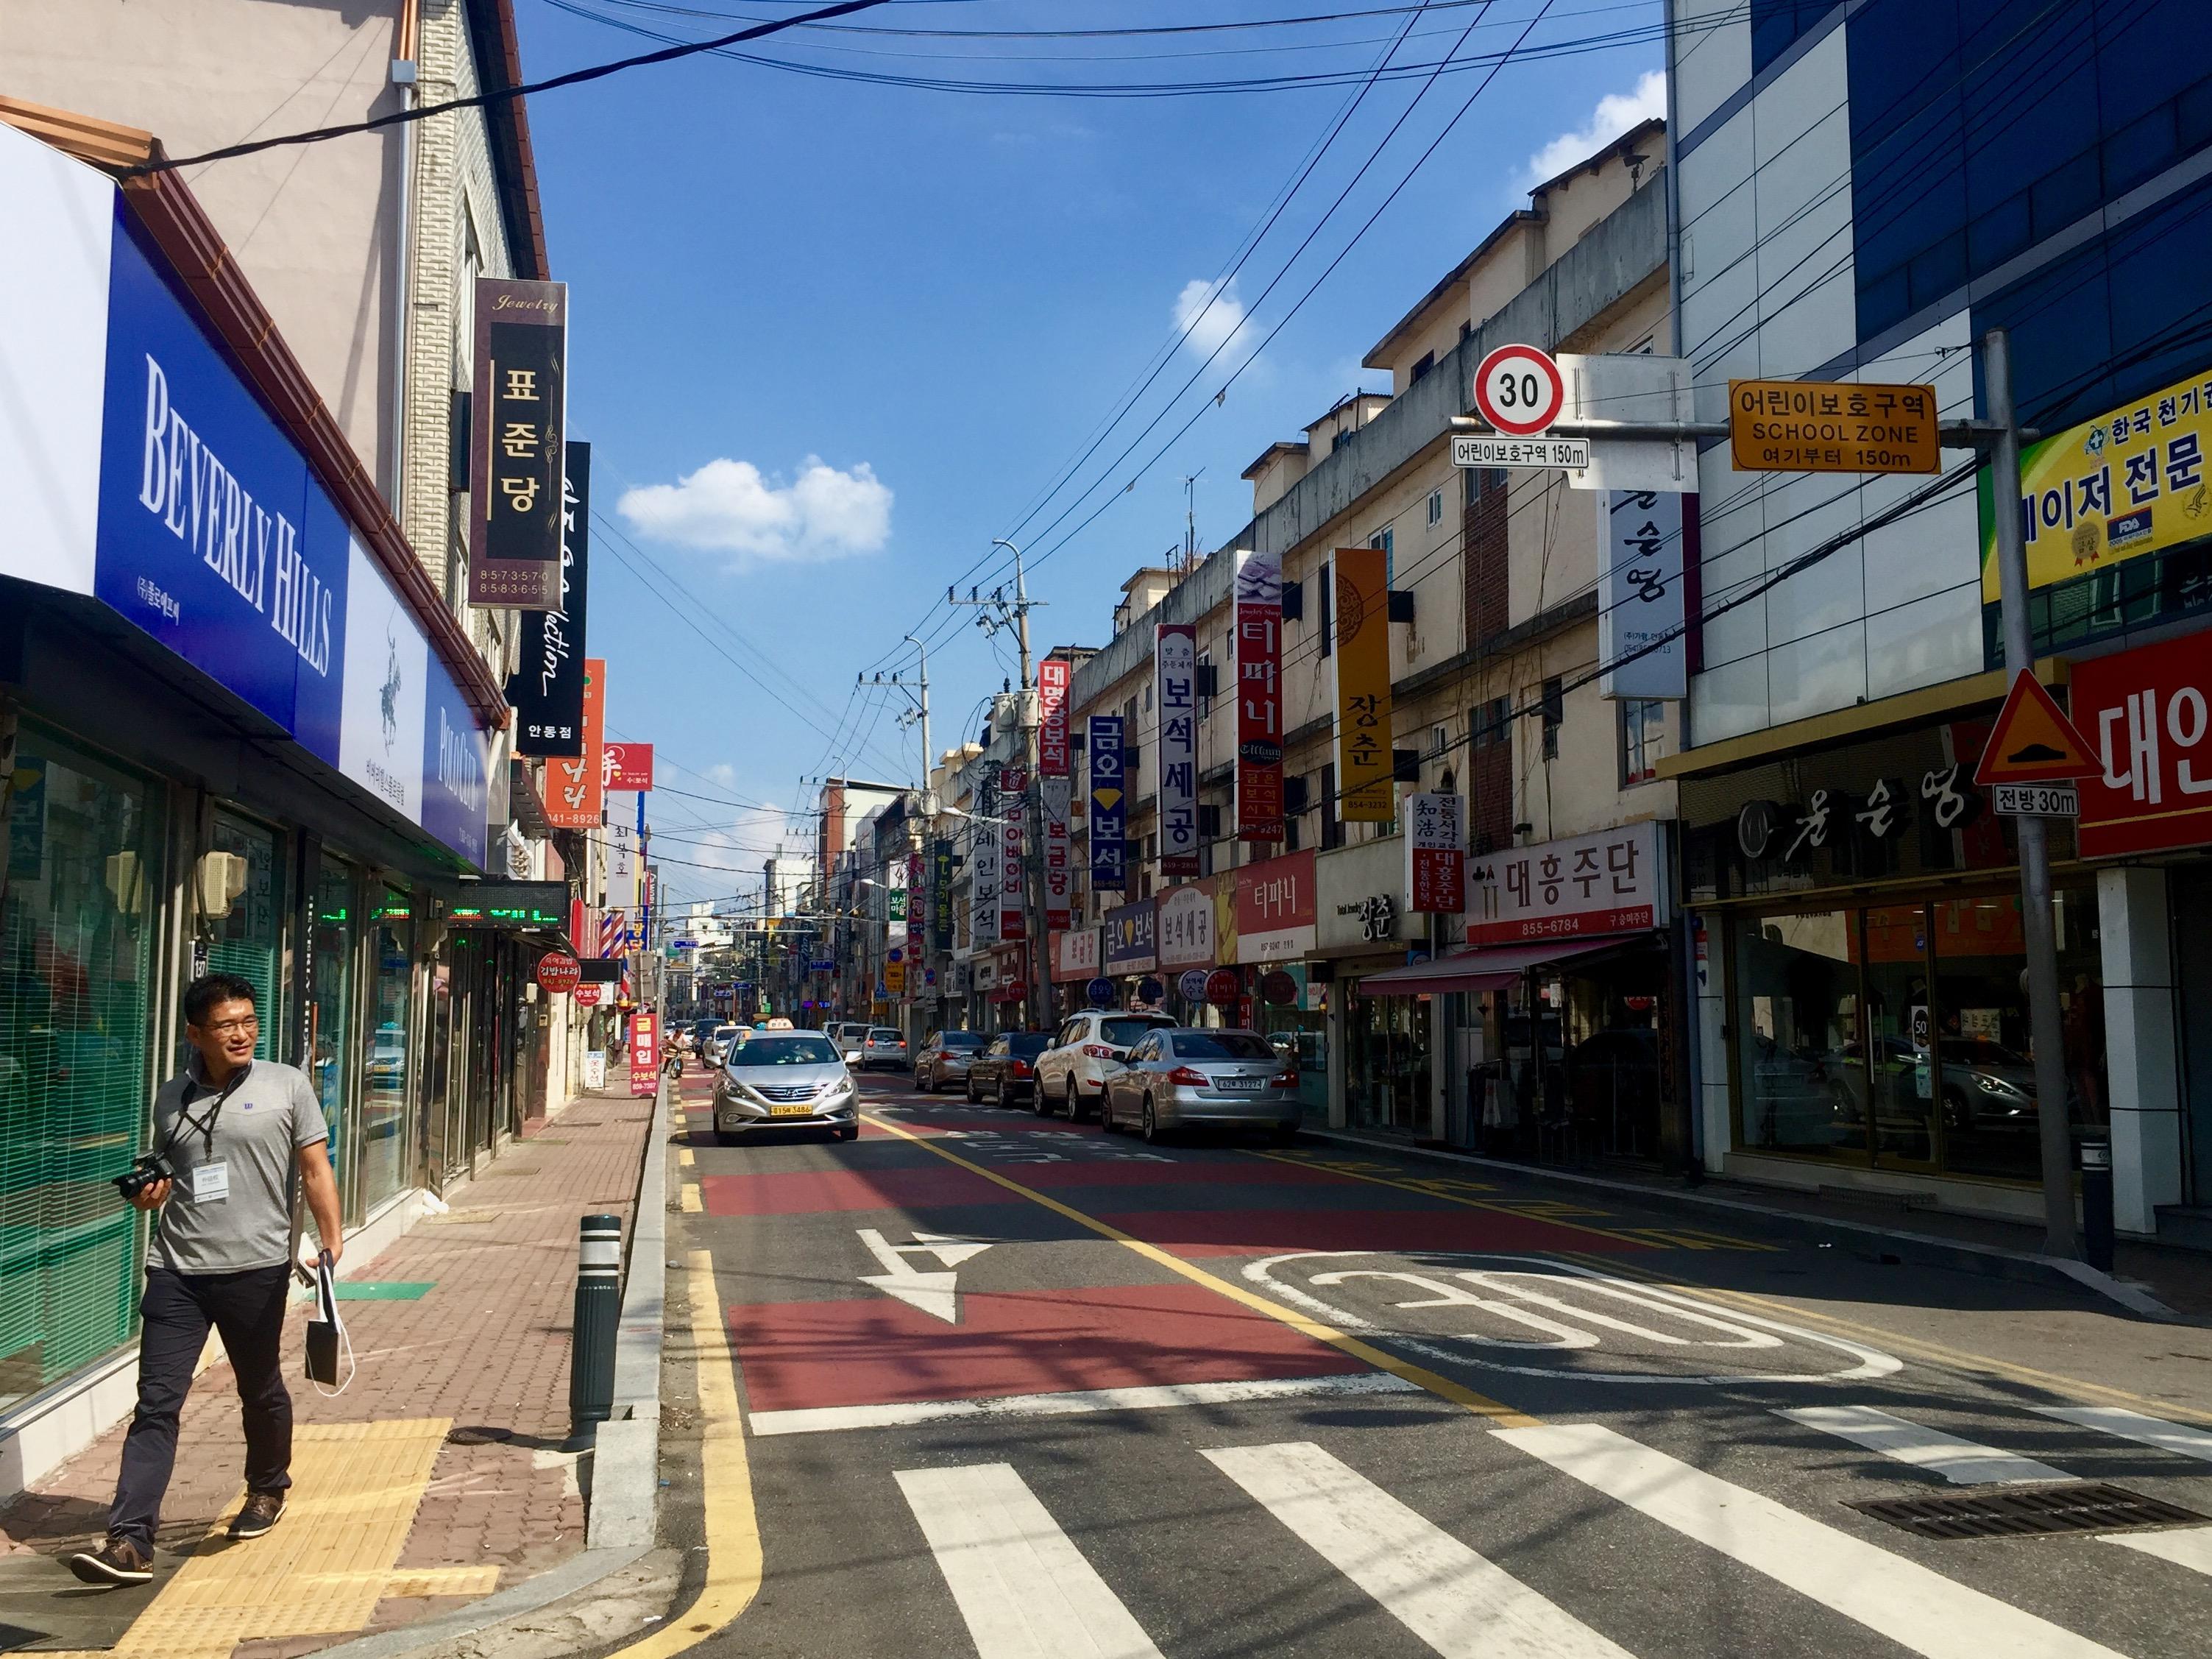 【韩国】安东 ・ 传统市场